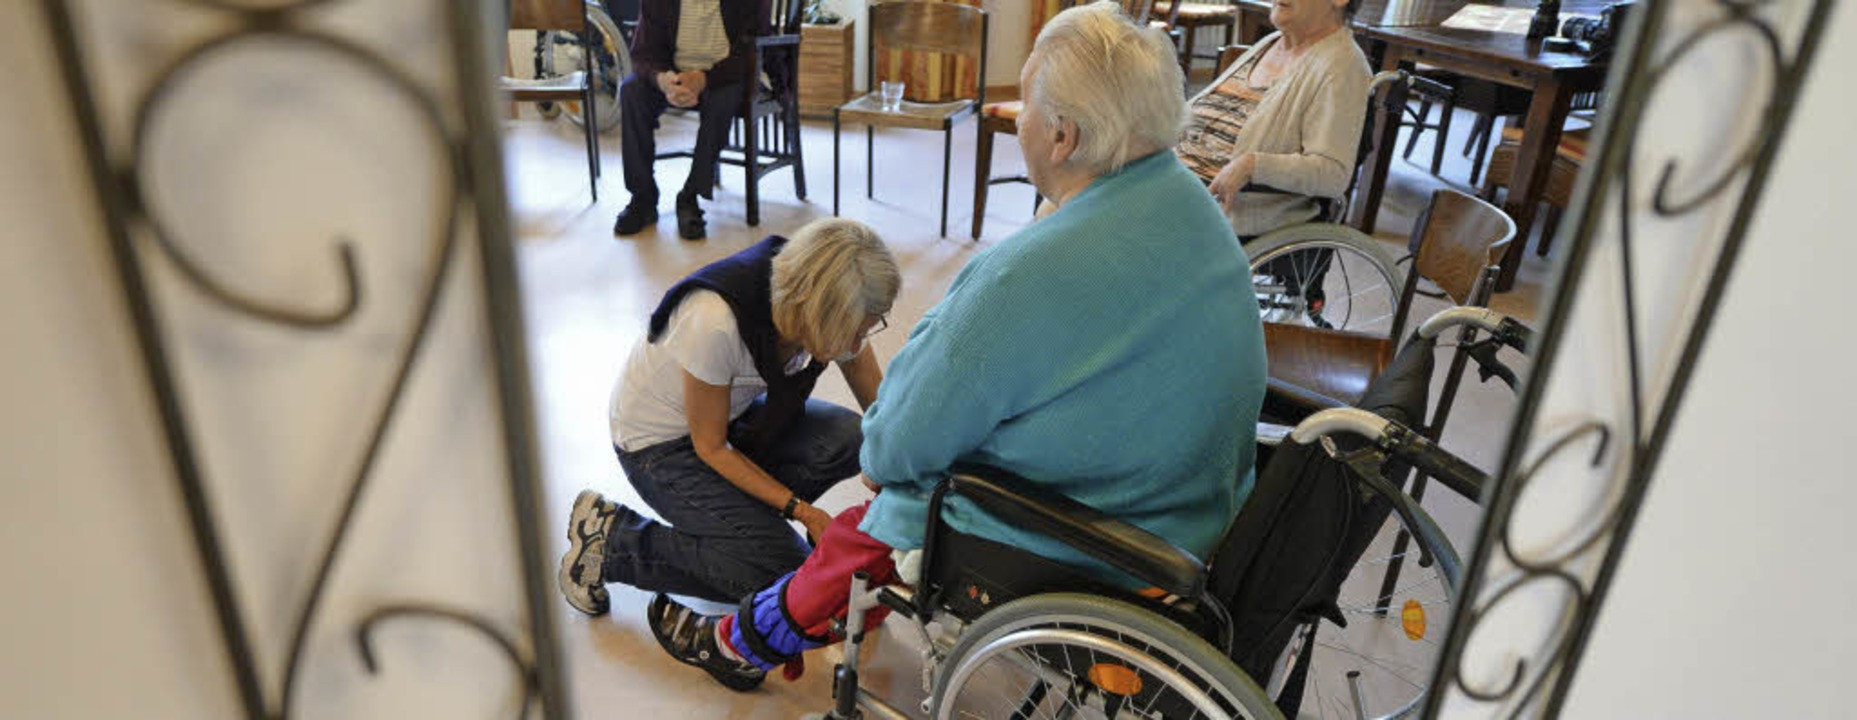 Die Rentenversicherung verlangt Abgabe...reiberufliche Pflegekräfte einsetzen.   | Foto: DPA